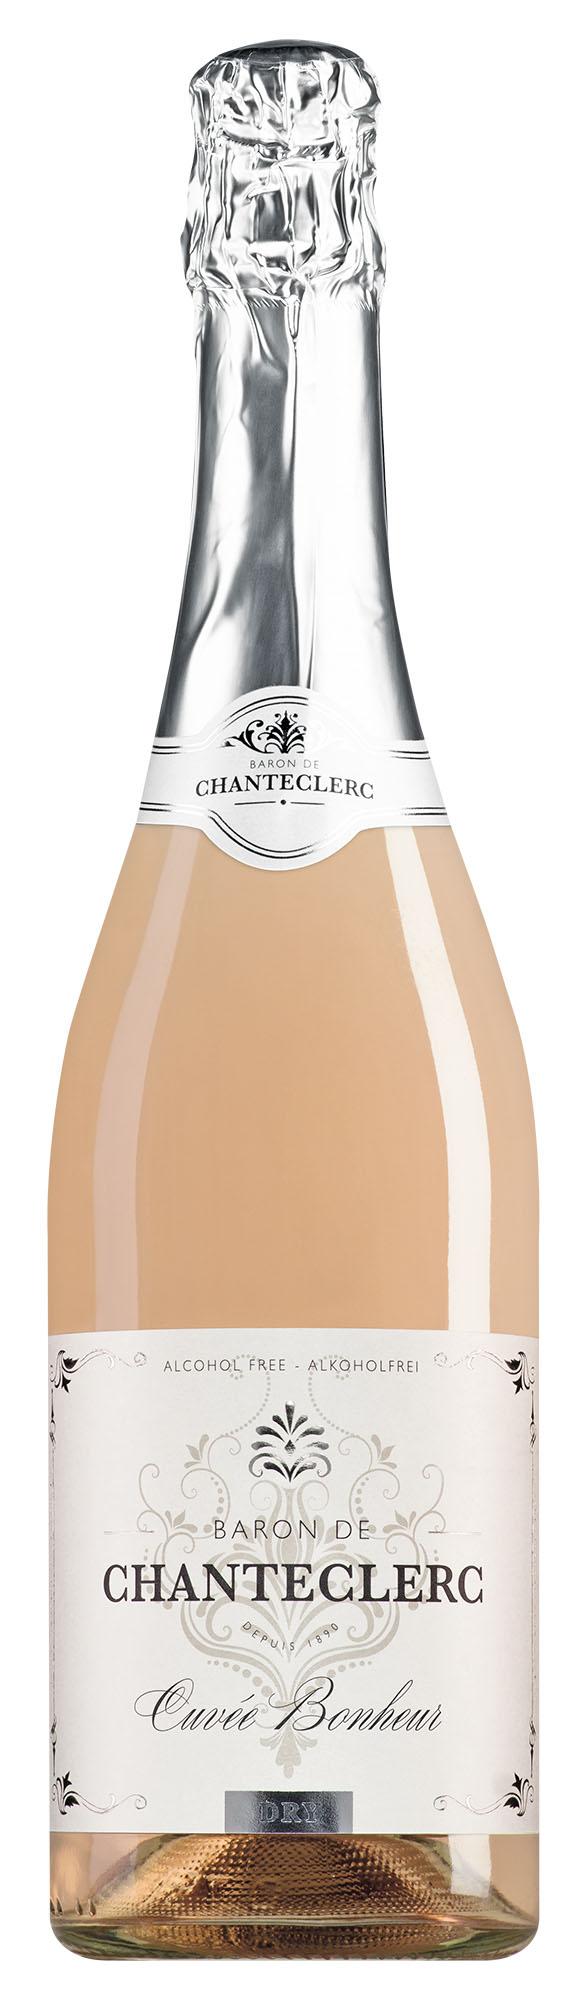 Baron de Chanteclerc mousseux rosé alcoholvrij